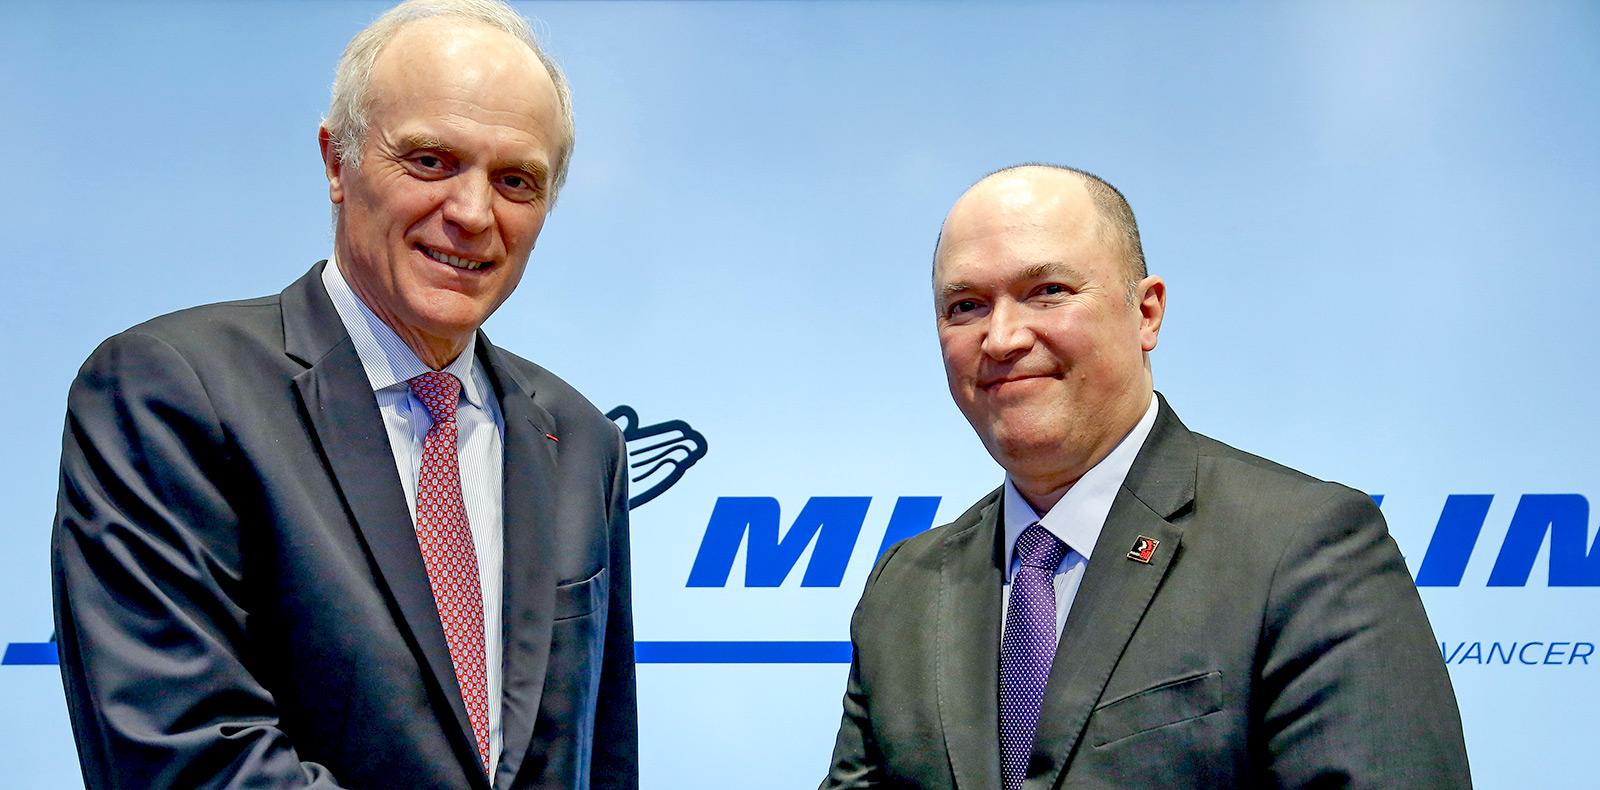 Développement durable : Michelin crée un Comité Mondial pour ses 110 000 salariés